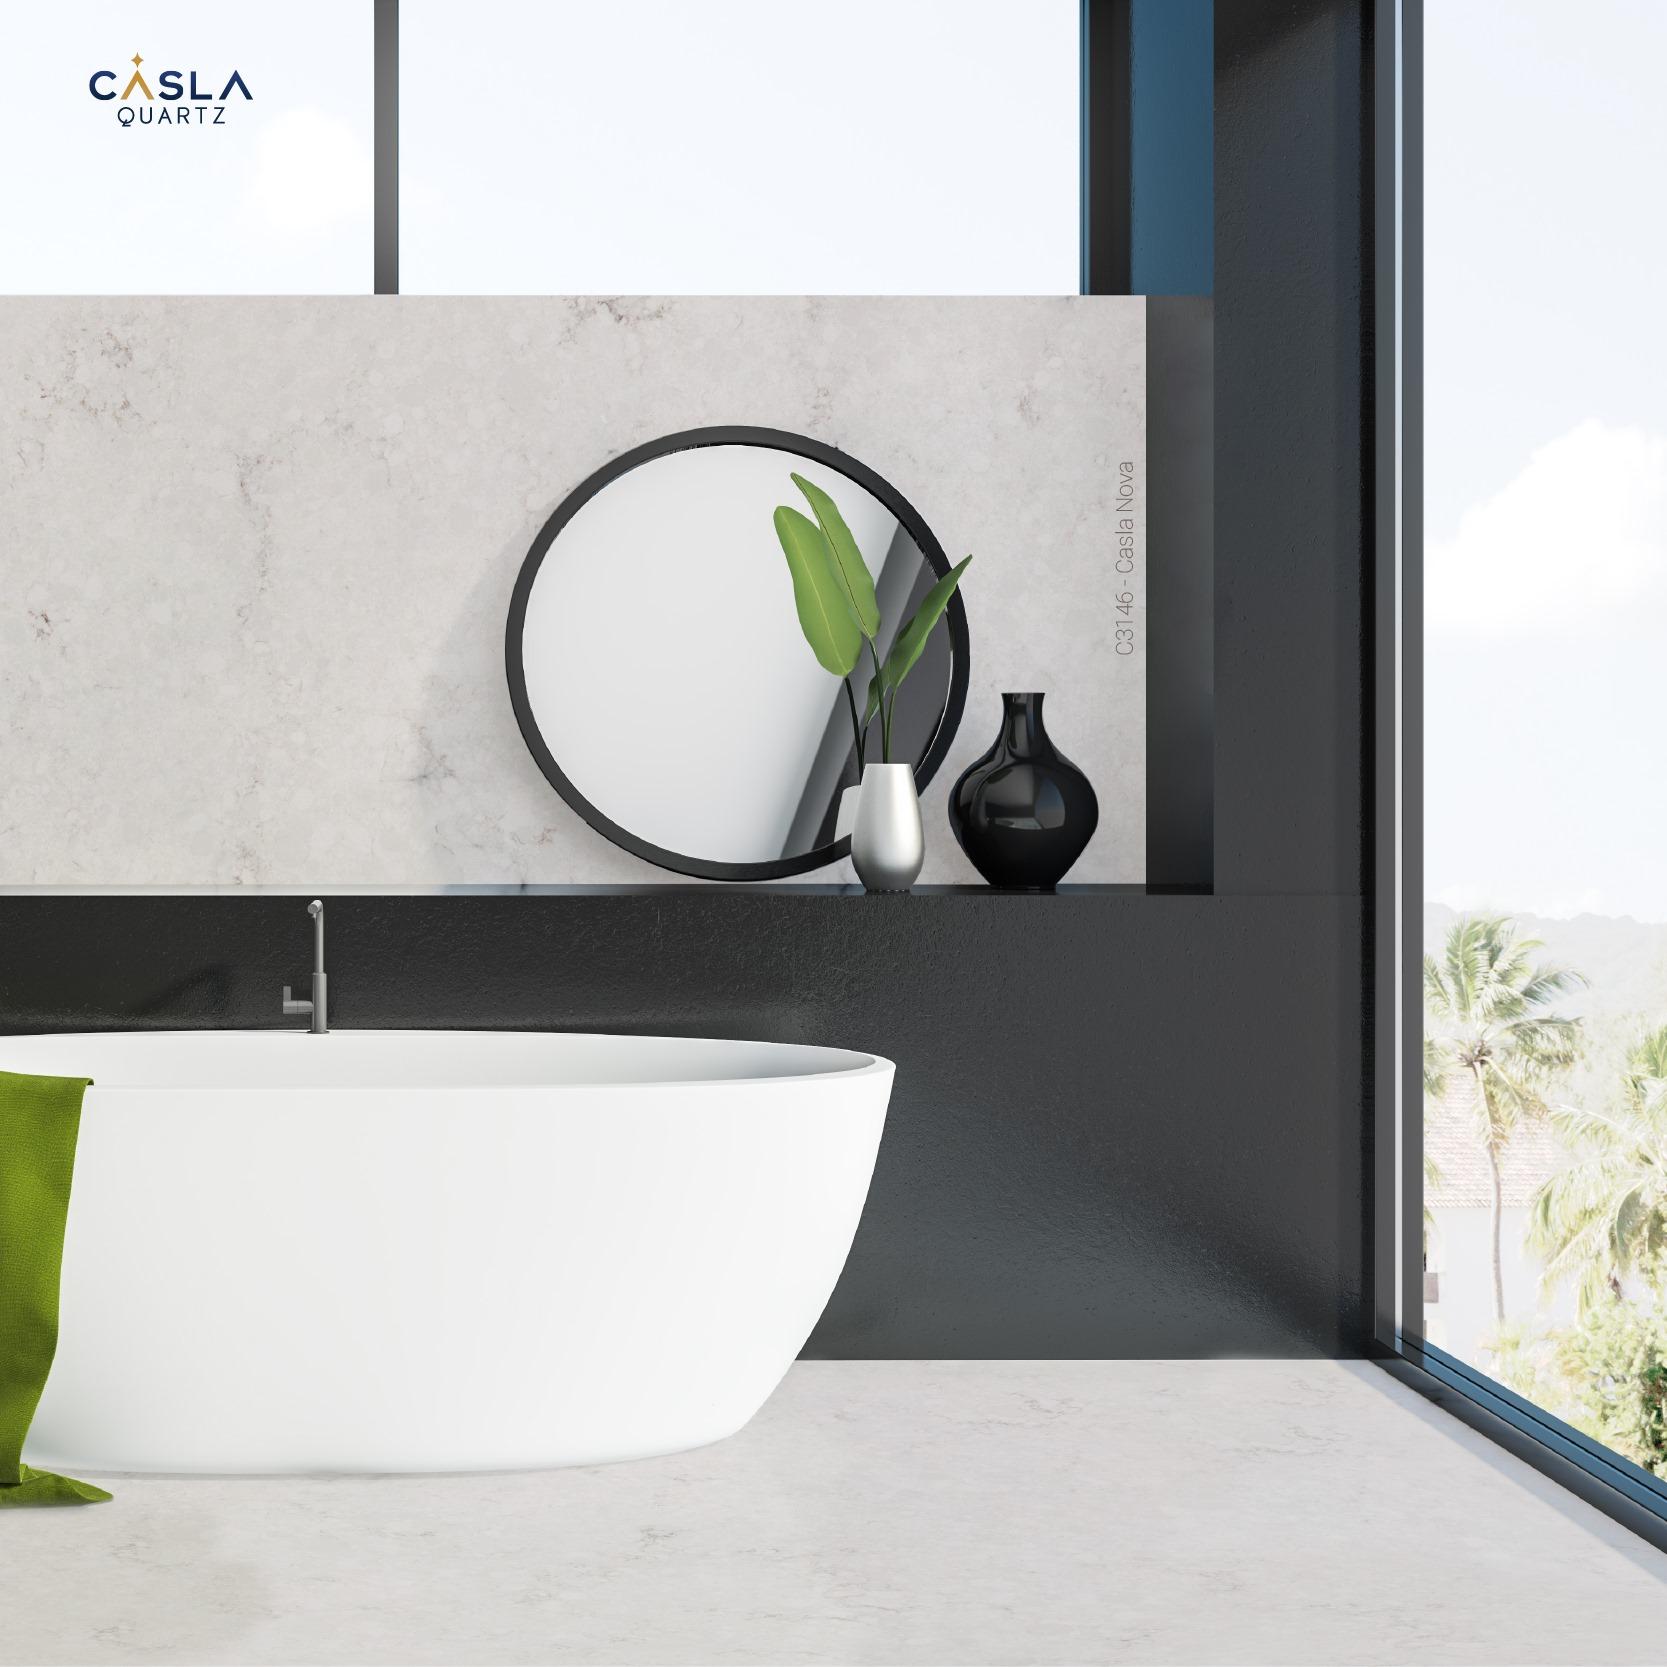 Đá thạch anh nhân tạo Casla Nova trang trí nhà tắm cao cấp